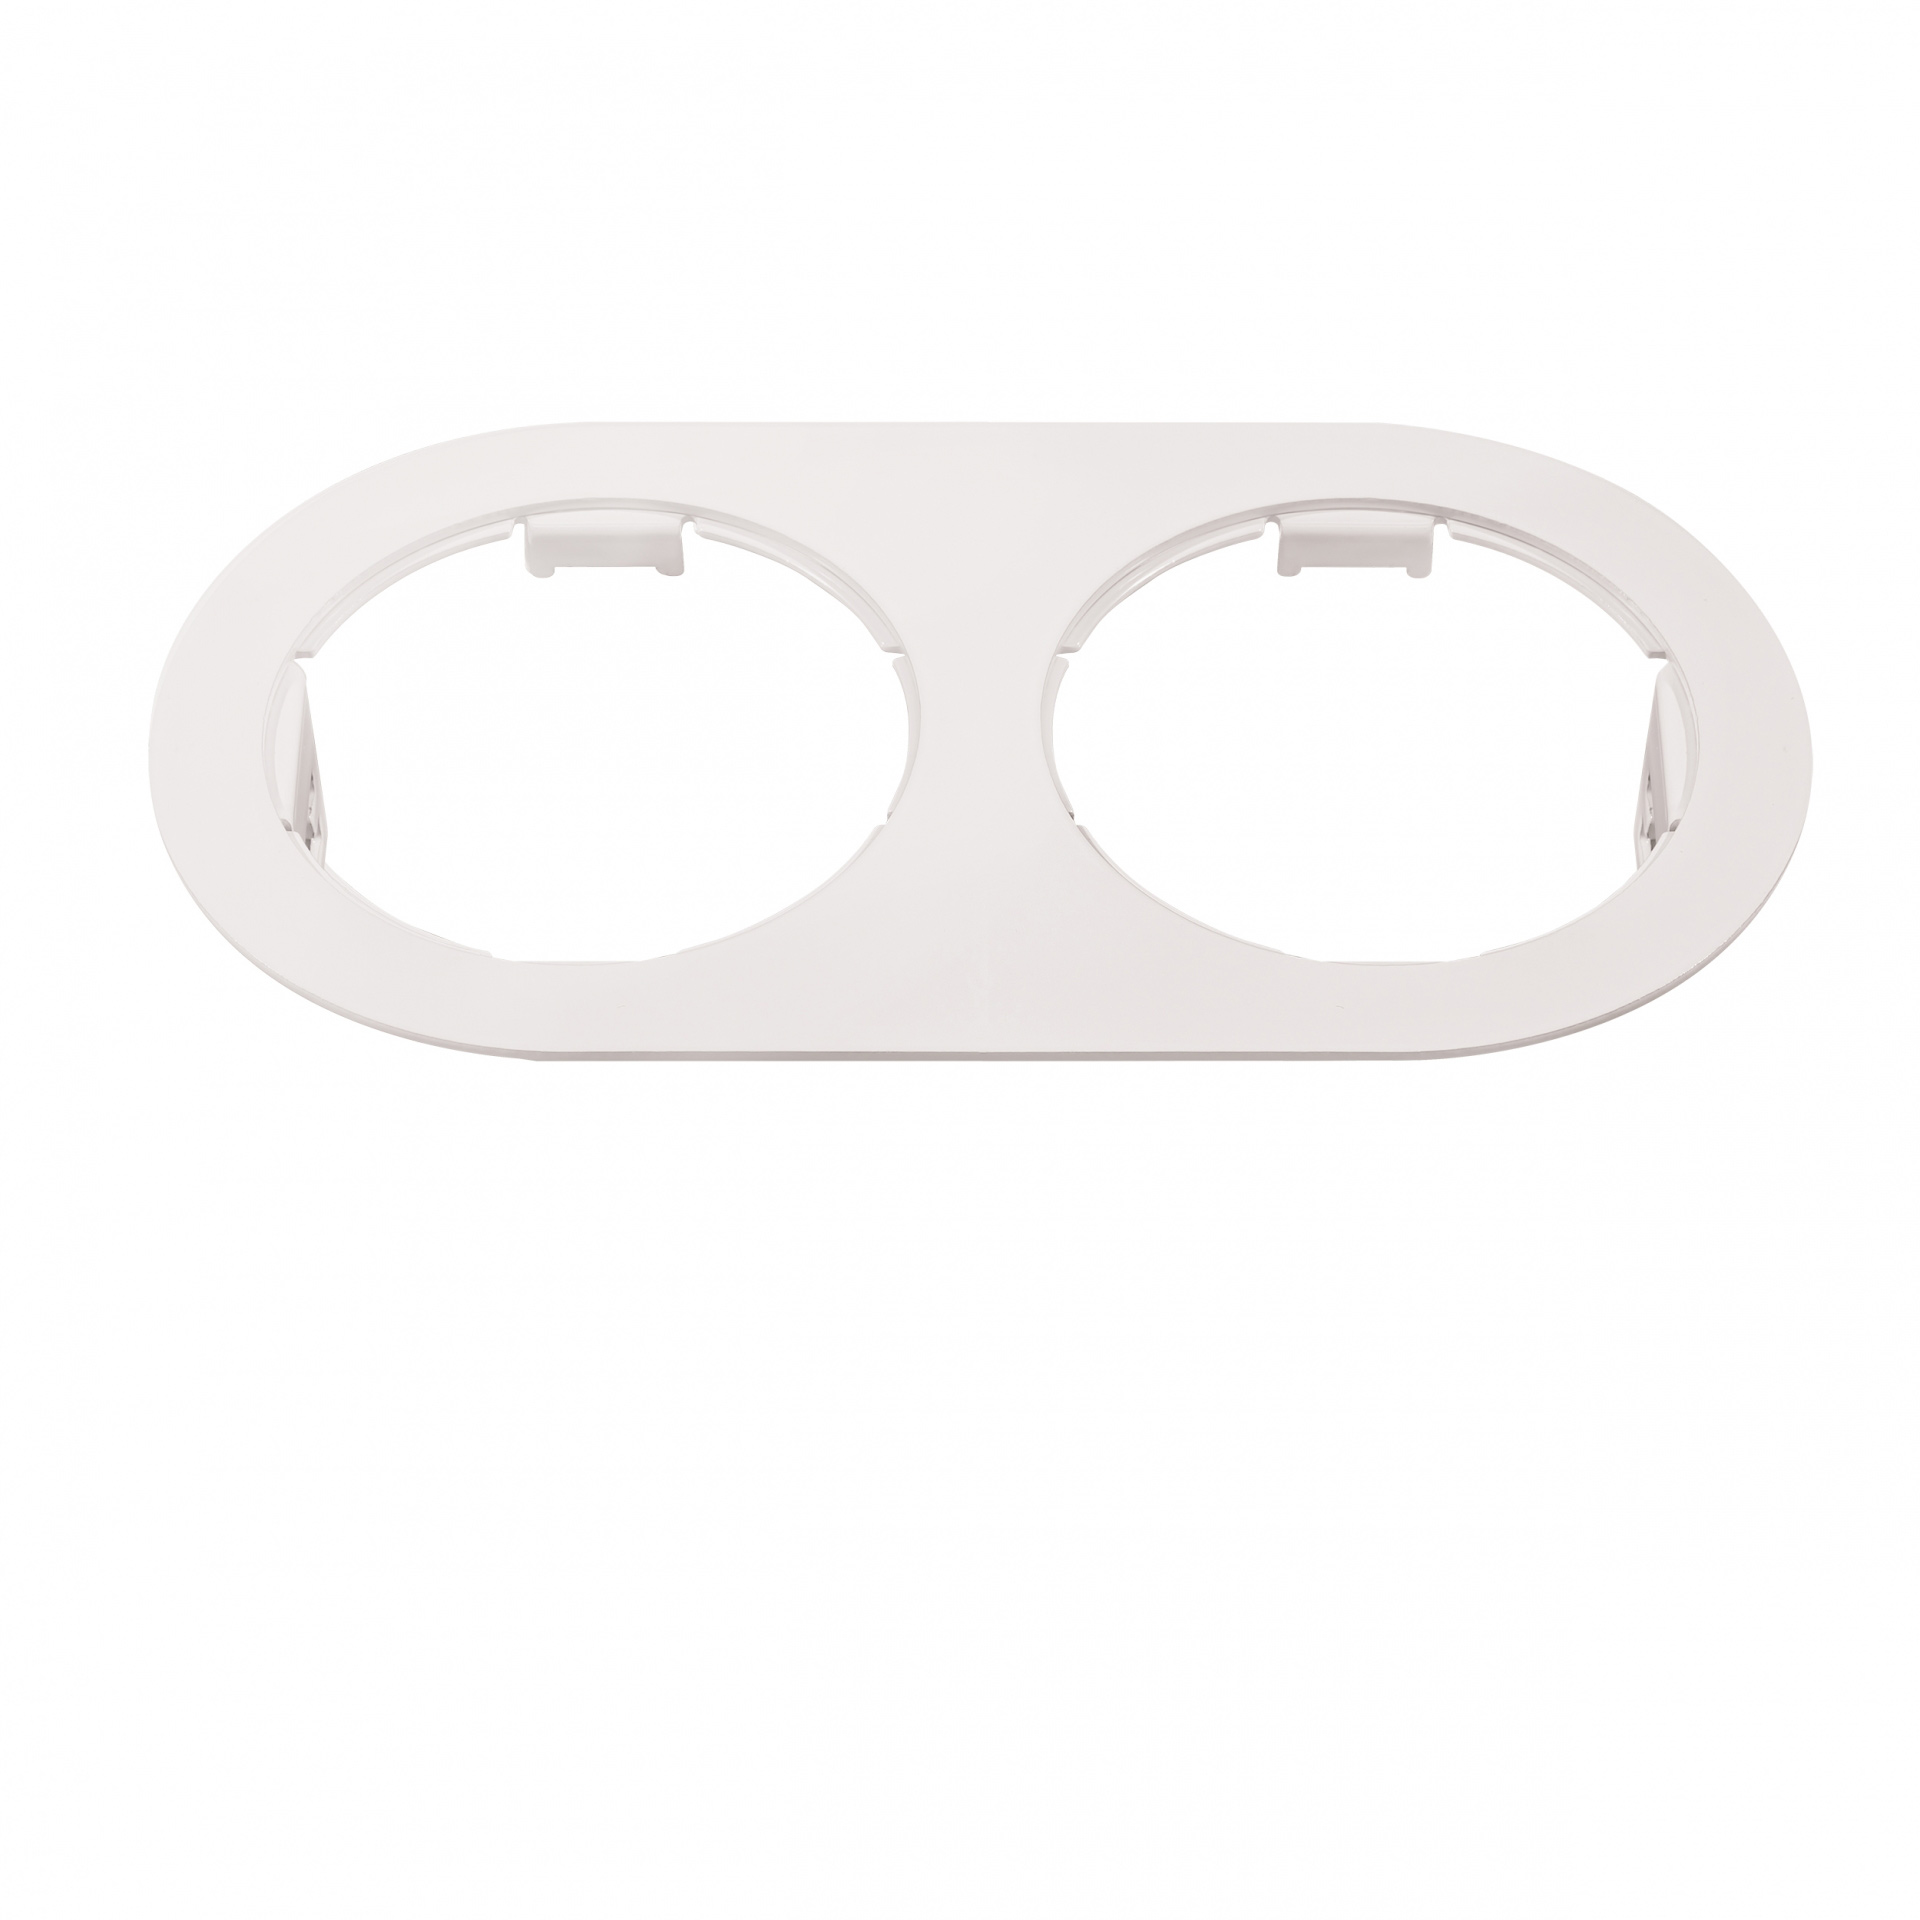 Рамка Domino Double ROUND МR16 белый Lightstar 214656, купить в СПб, Москве, с доставкой, Санкт-Петербург, интернет-магазин люстр и светильников Starlight, фото в жизни